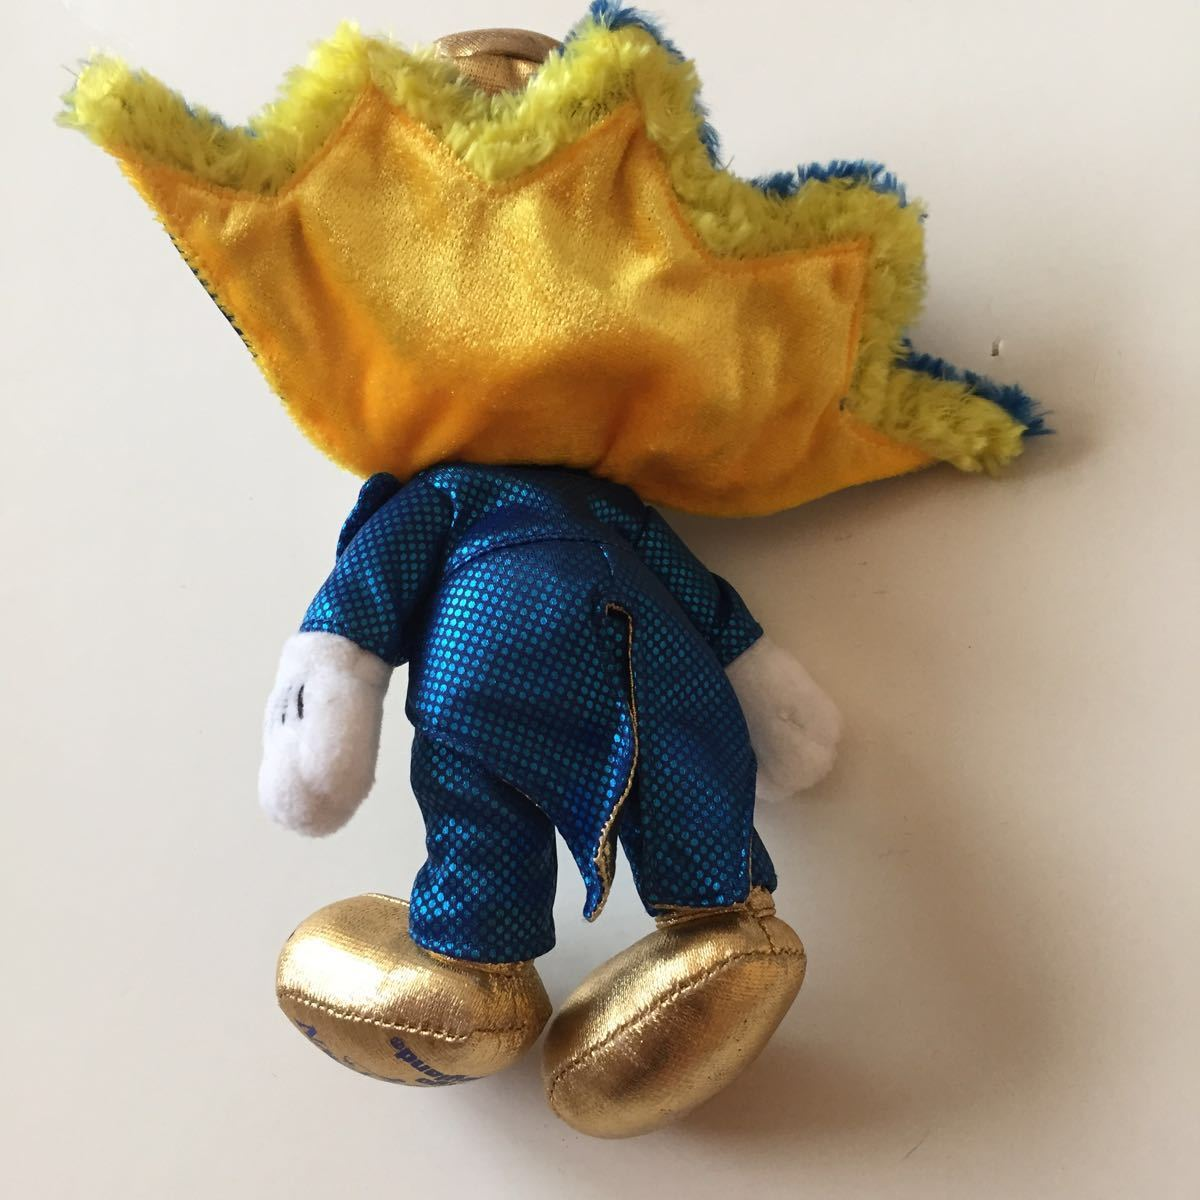 2007 カウントダウンパーティー ぬいぐるみバッジ ぬいば ミッキーマウス 東京ディズニーランド ボールチェーンキーホルダー COUNTDOWN_画像6